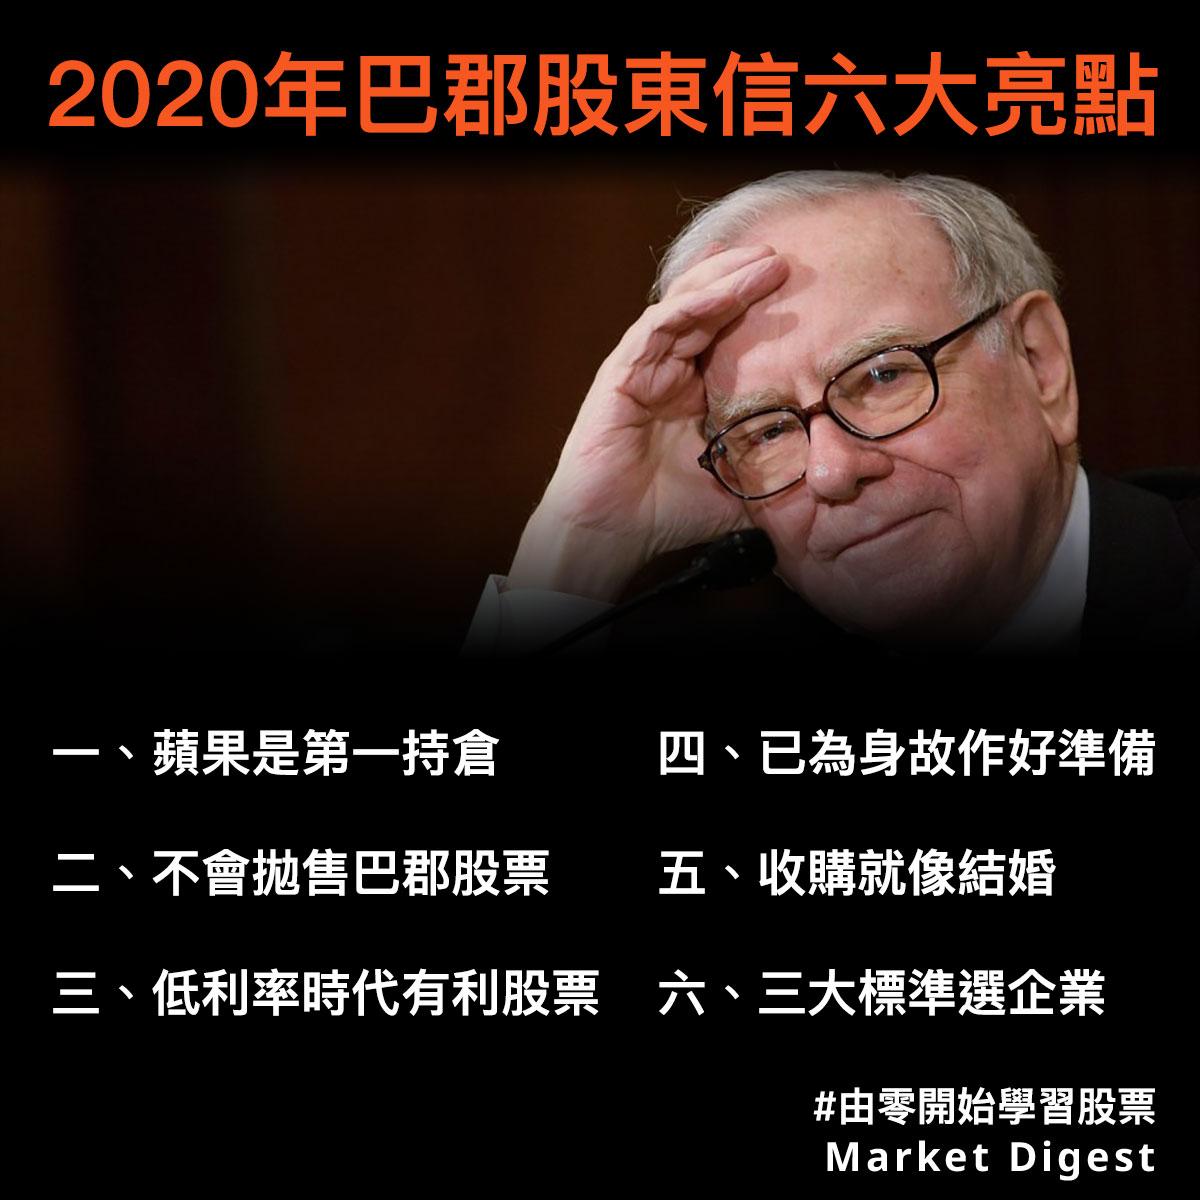 【由零開始學習股票】2020年巴郡股東信六大亮點